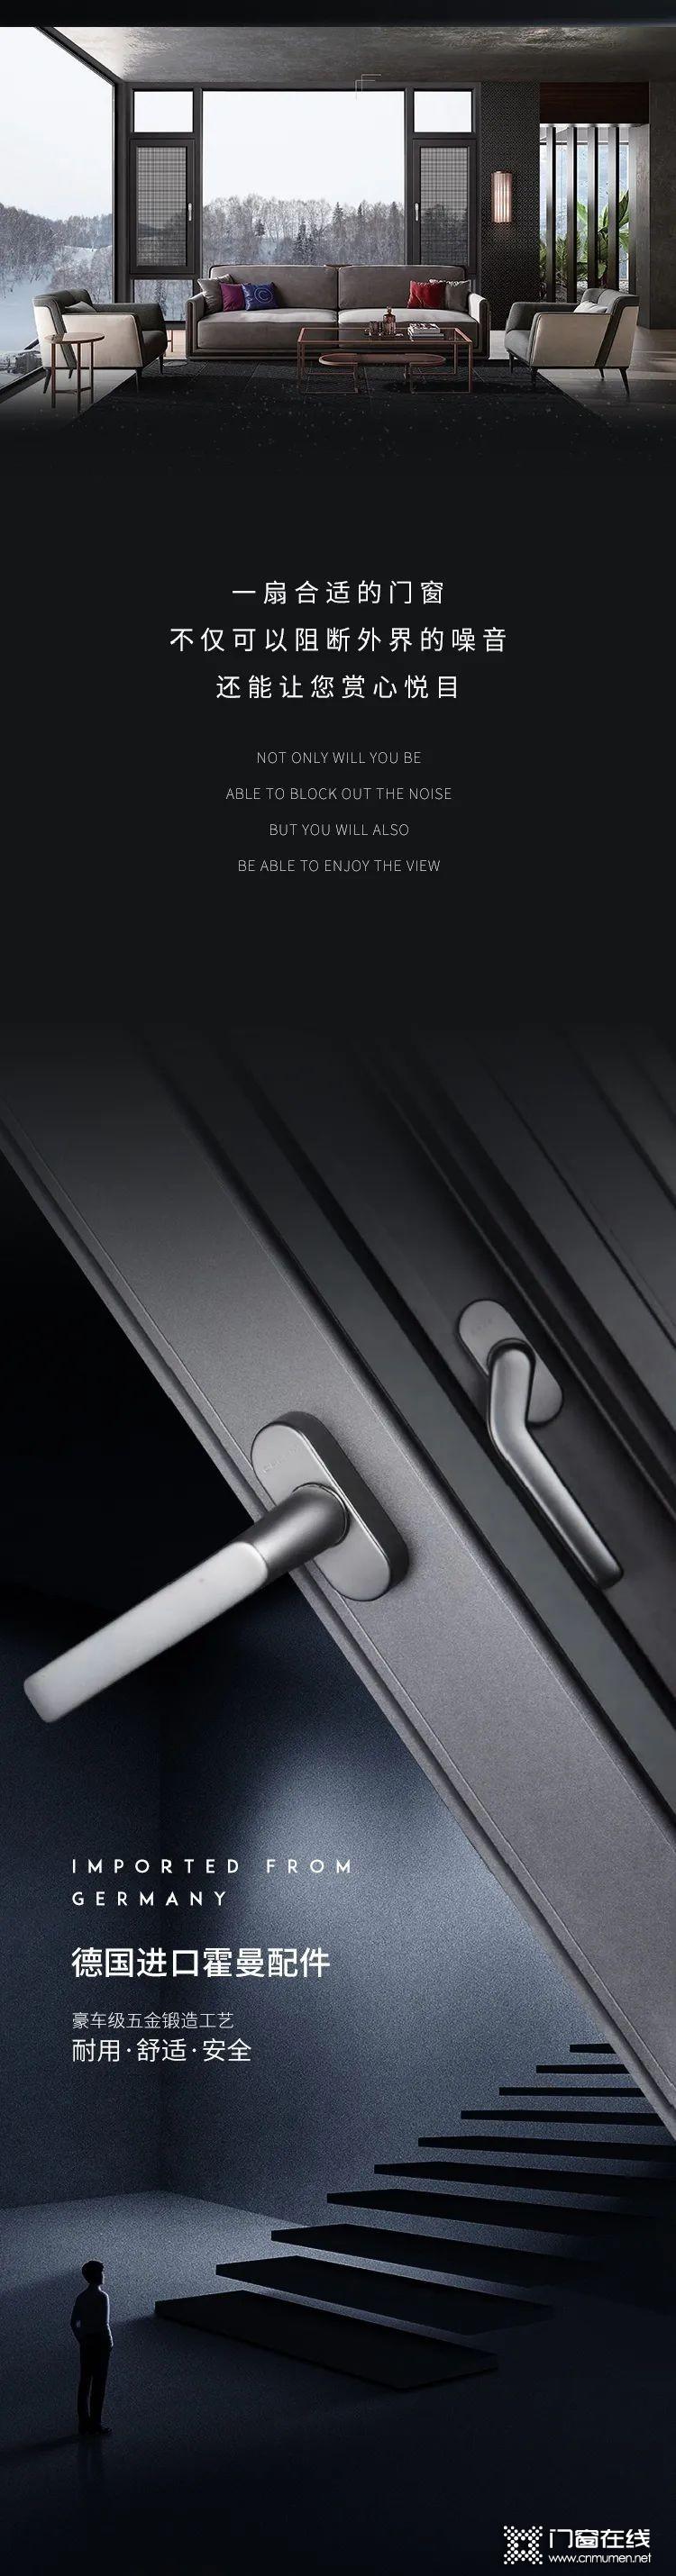 皇庭金门系统门窗 | 皇轩111断桥系统窗纱一体平开窗